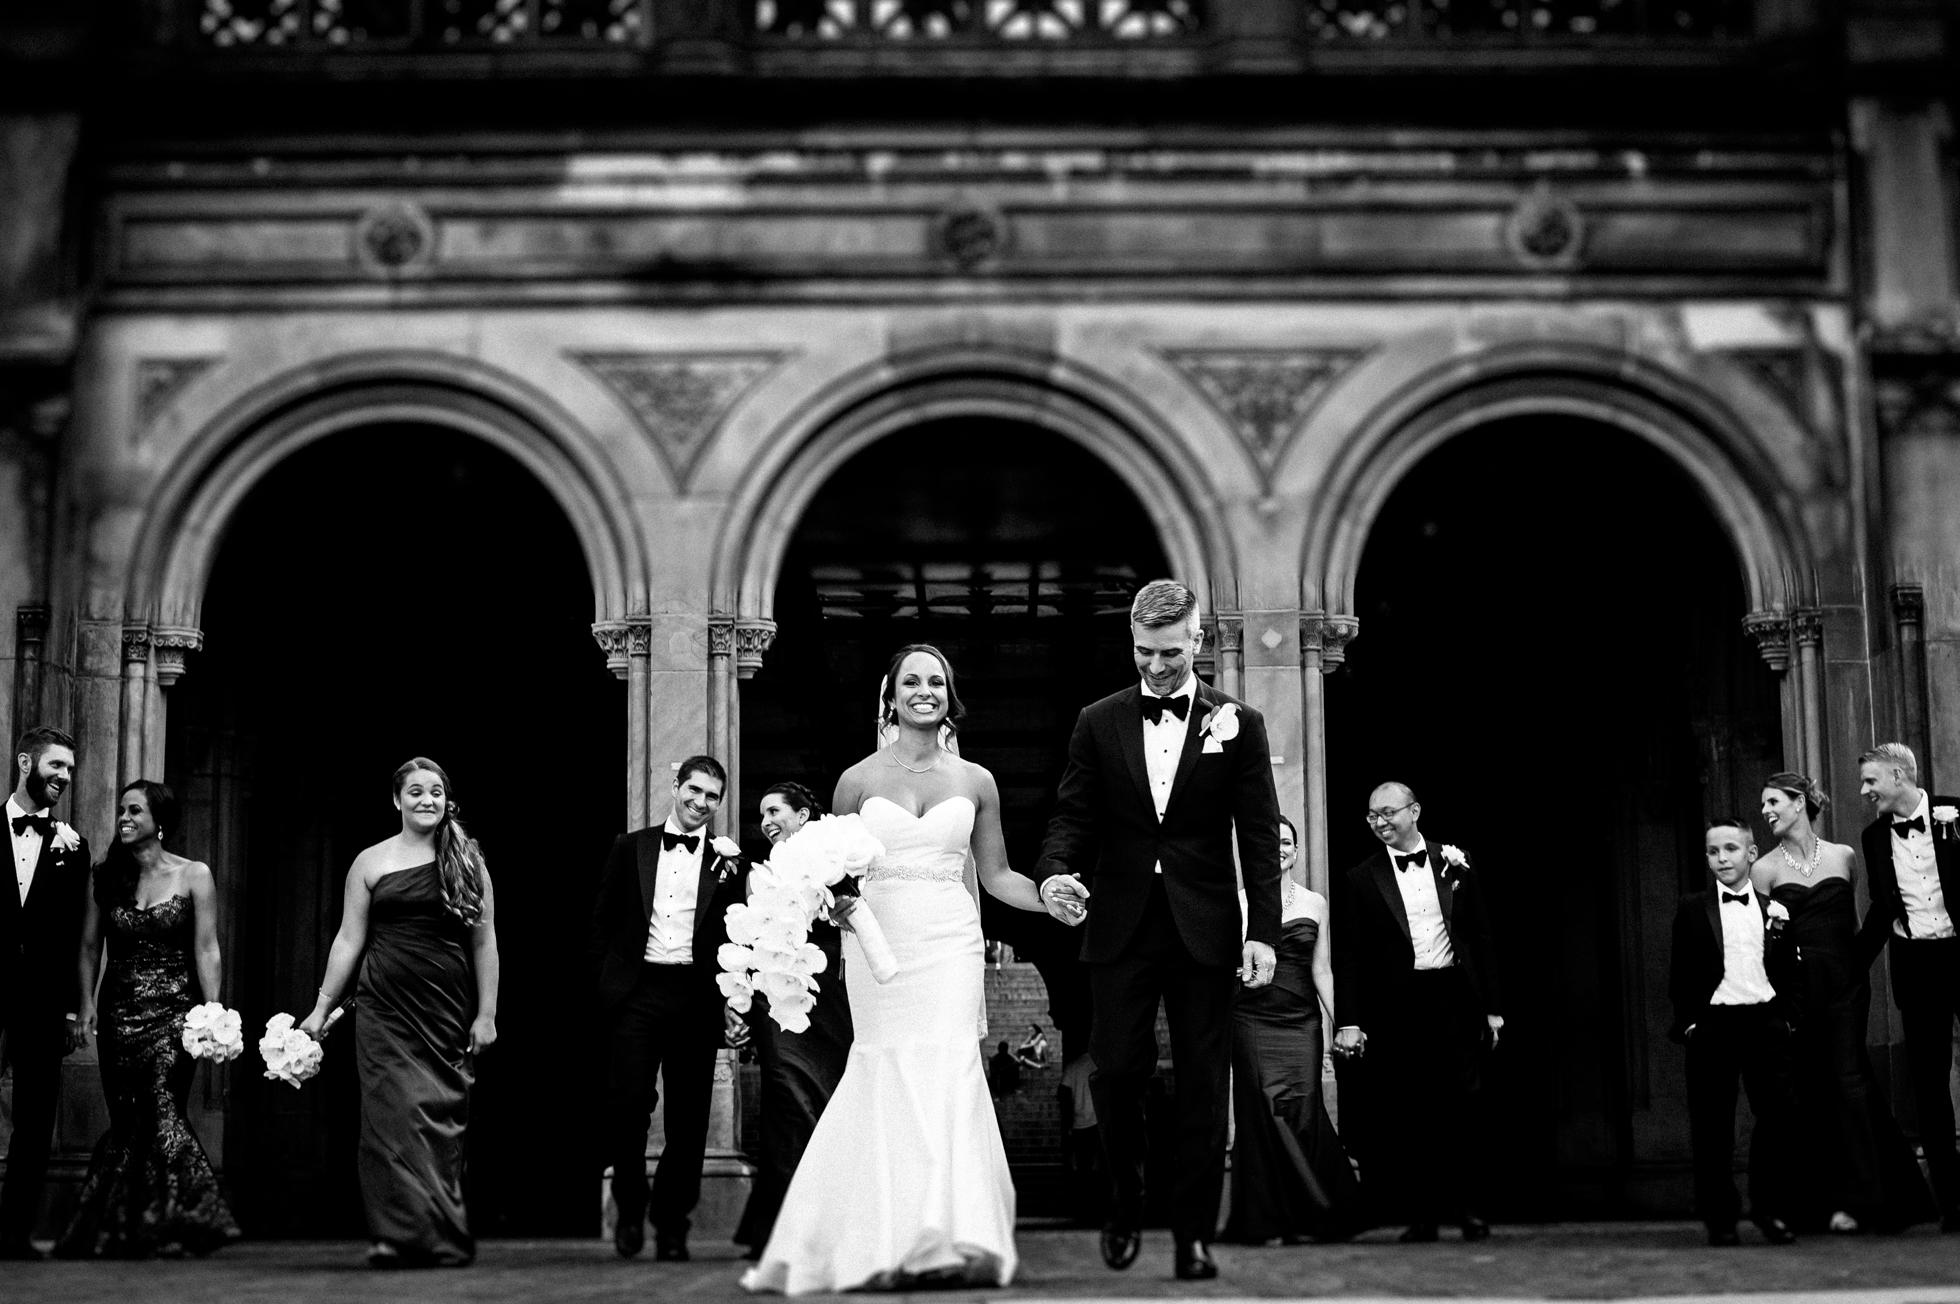 Central Park wedding portraits